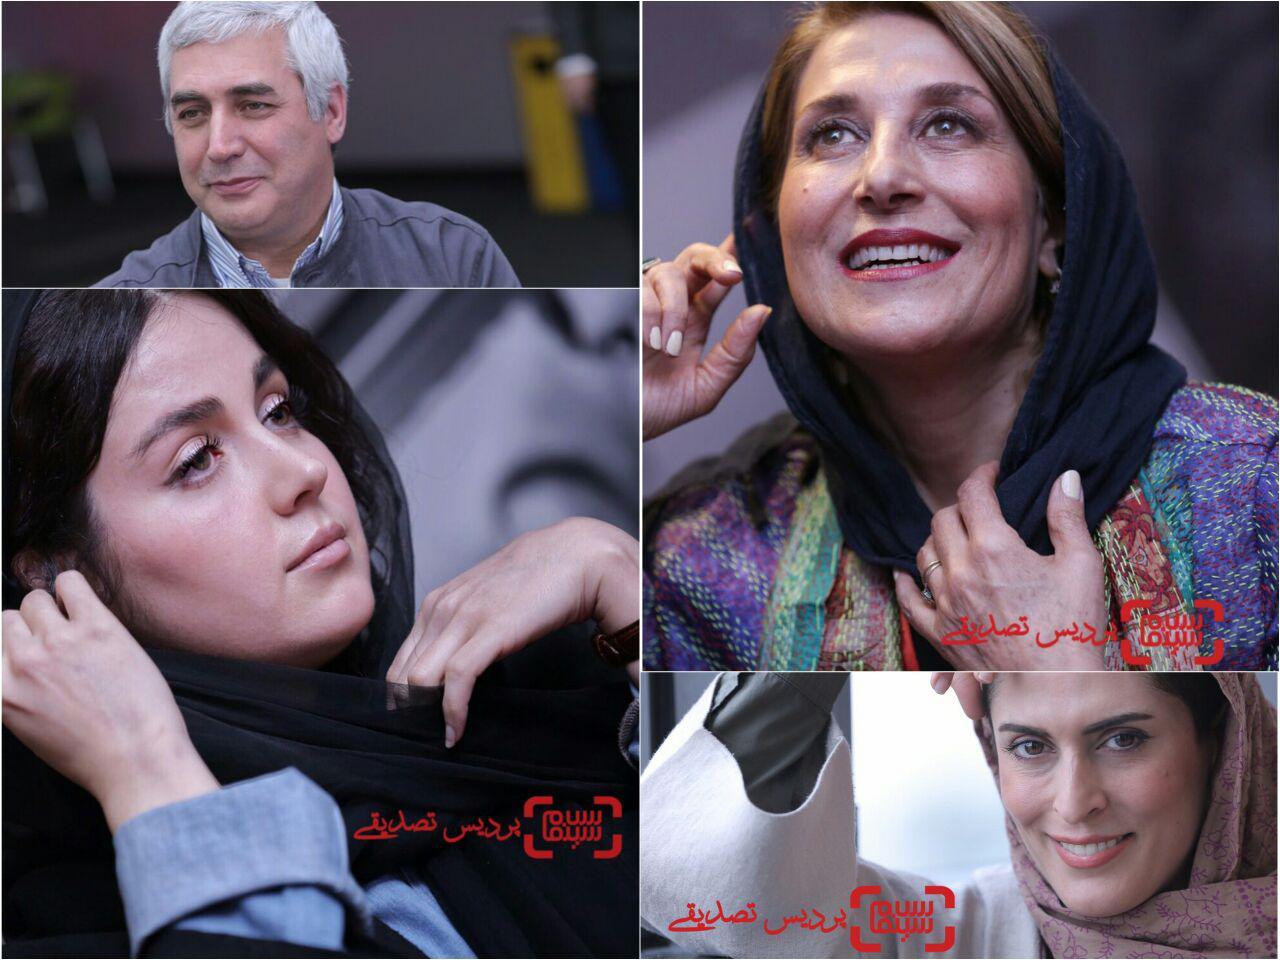 گزارش تصویری از روز چهارم سی و ششمین جشنواره جهانی فیلم فجر